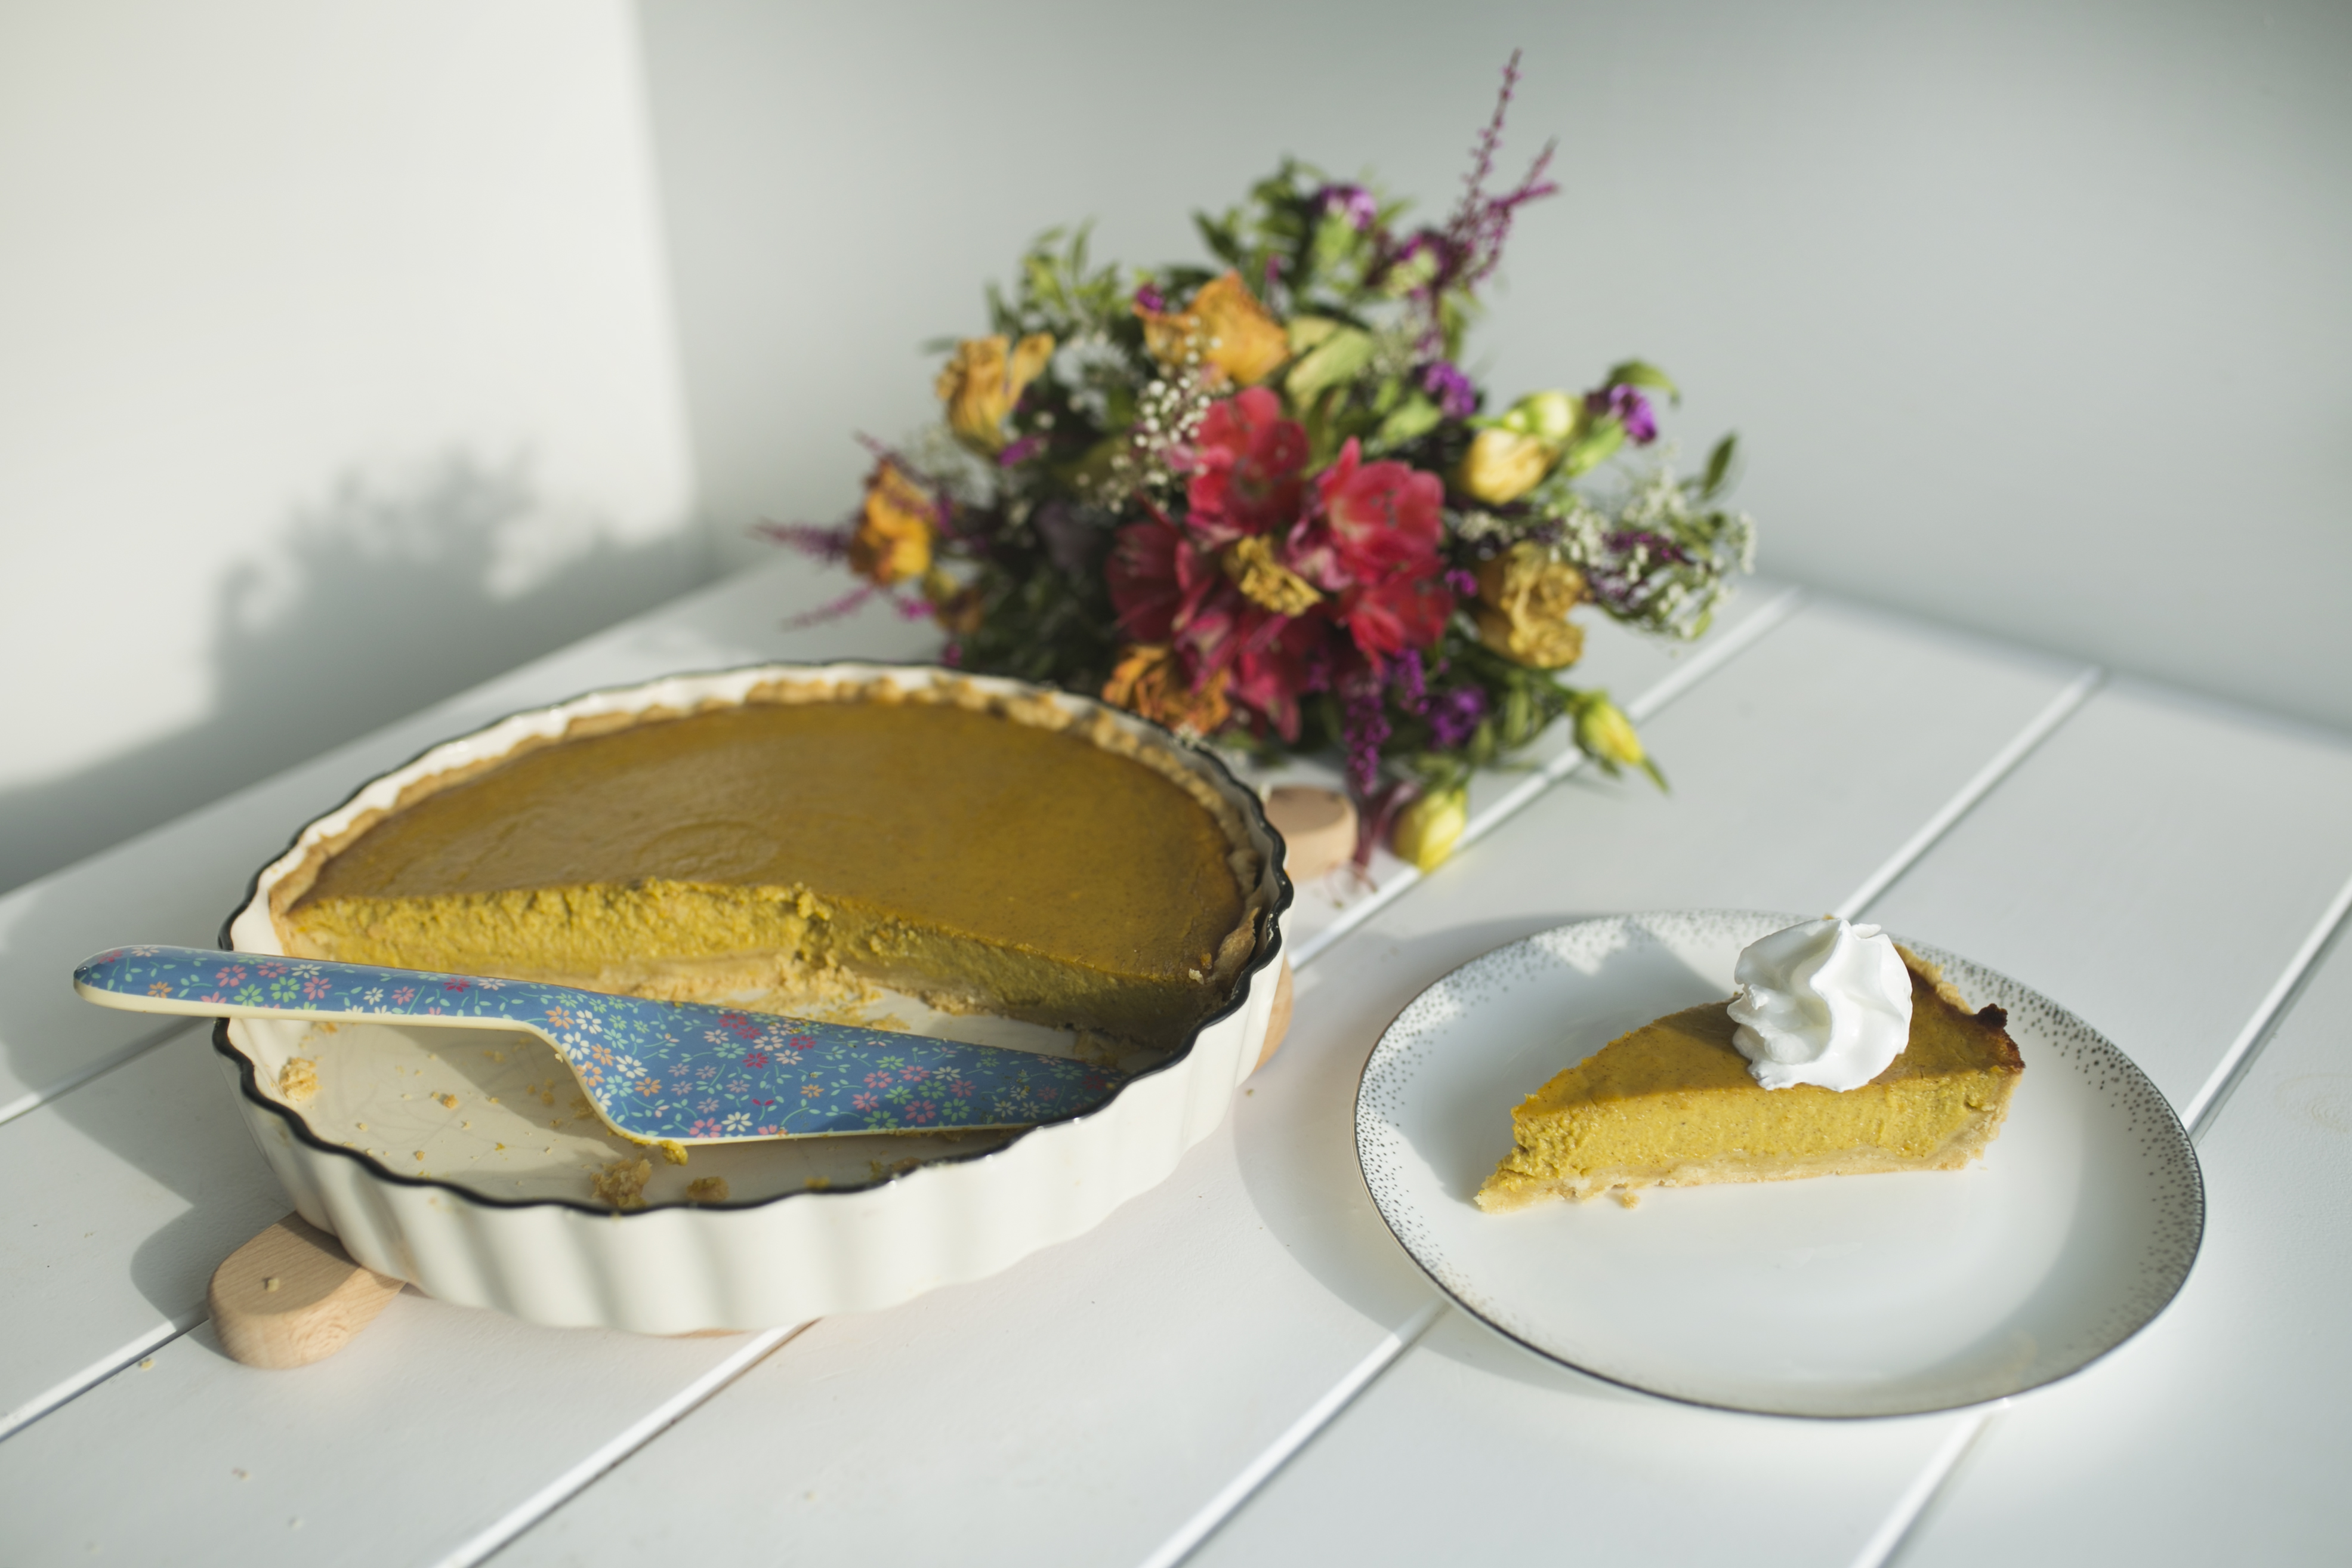 amerykańskie pumpkin pie, ciasto z dynią, przepisy dynia, dynia, hokkaido, pumpkin pie recipe